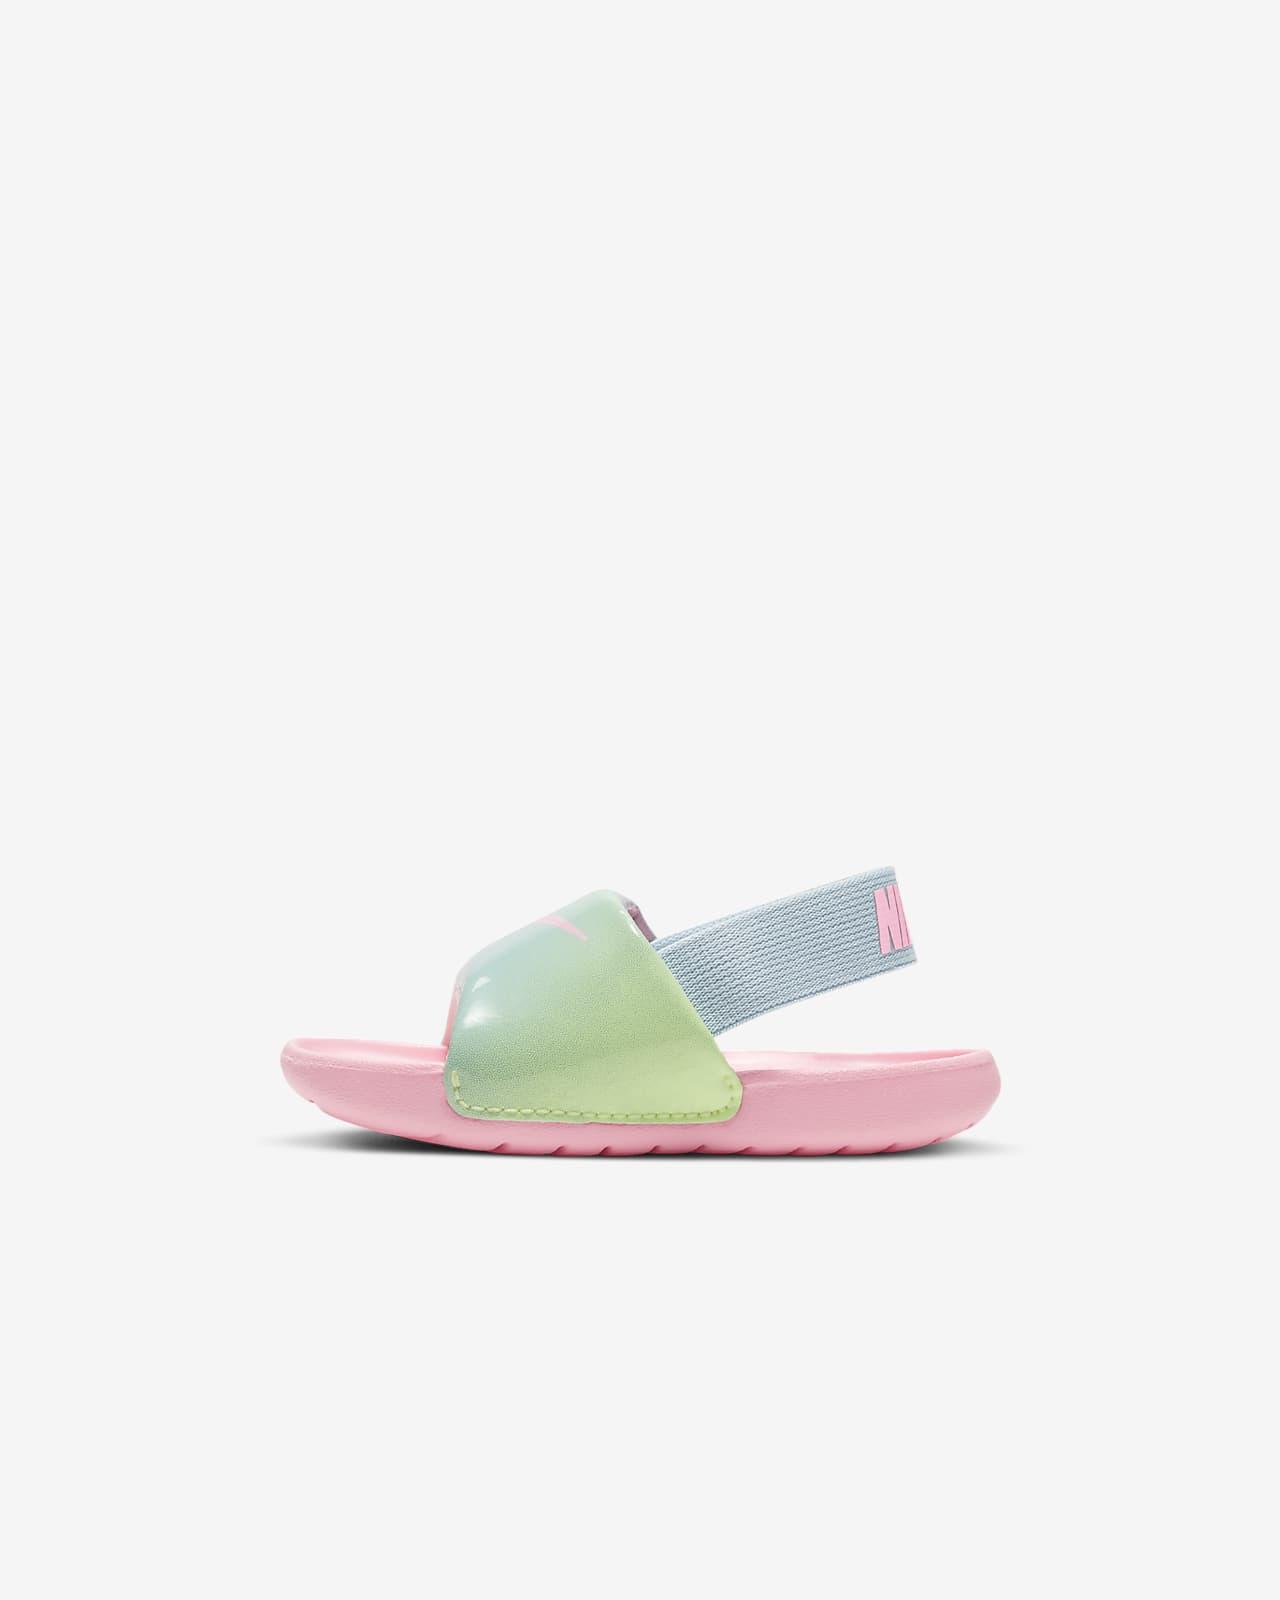 Nike Kawa SE Badeslipper für Babys und Kleinkinder